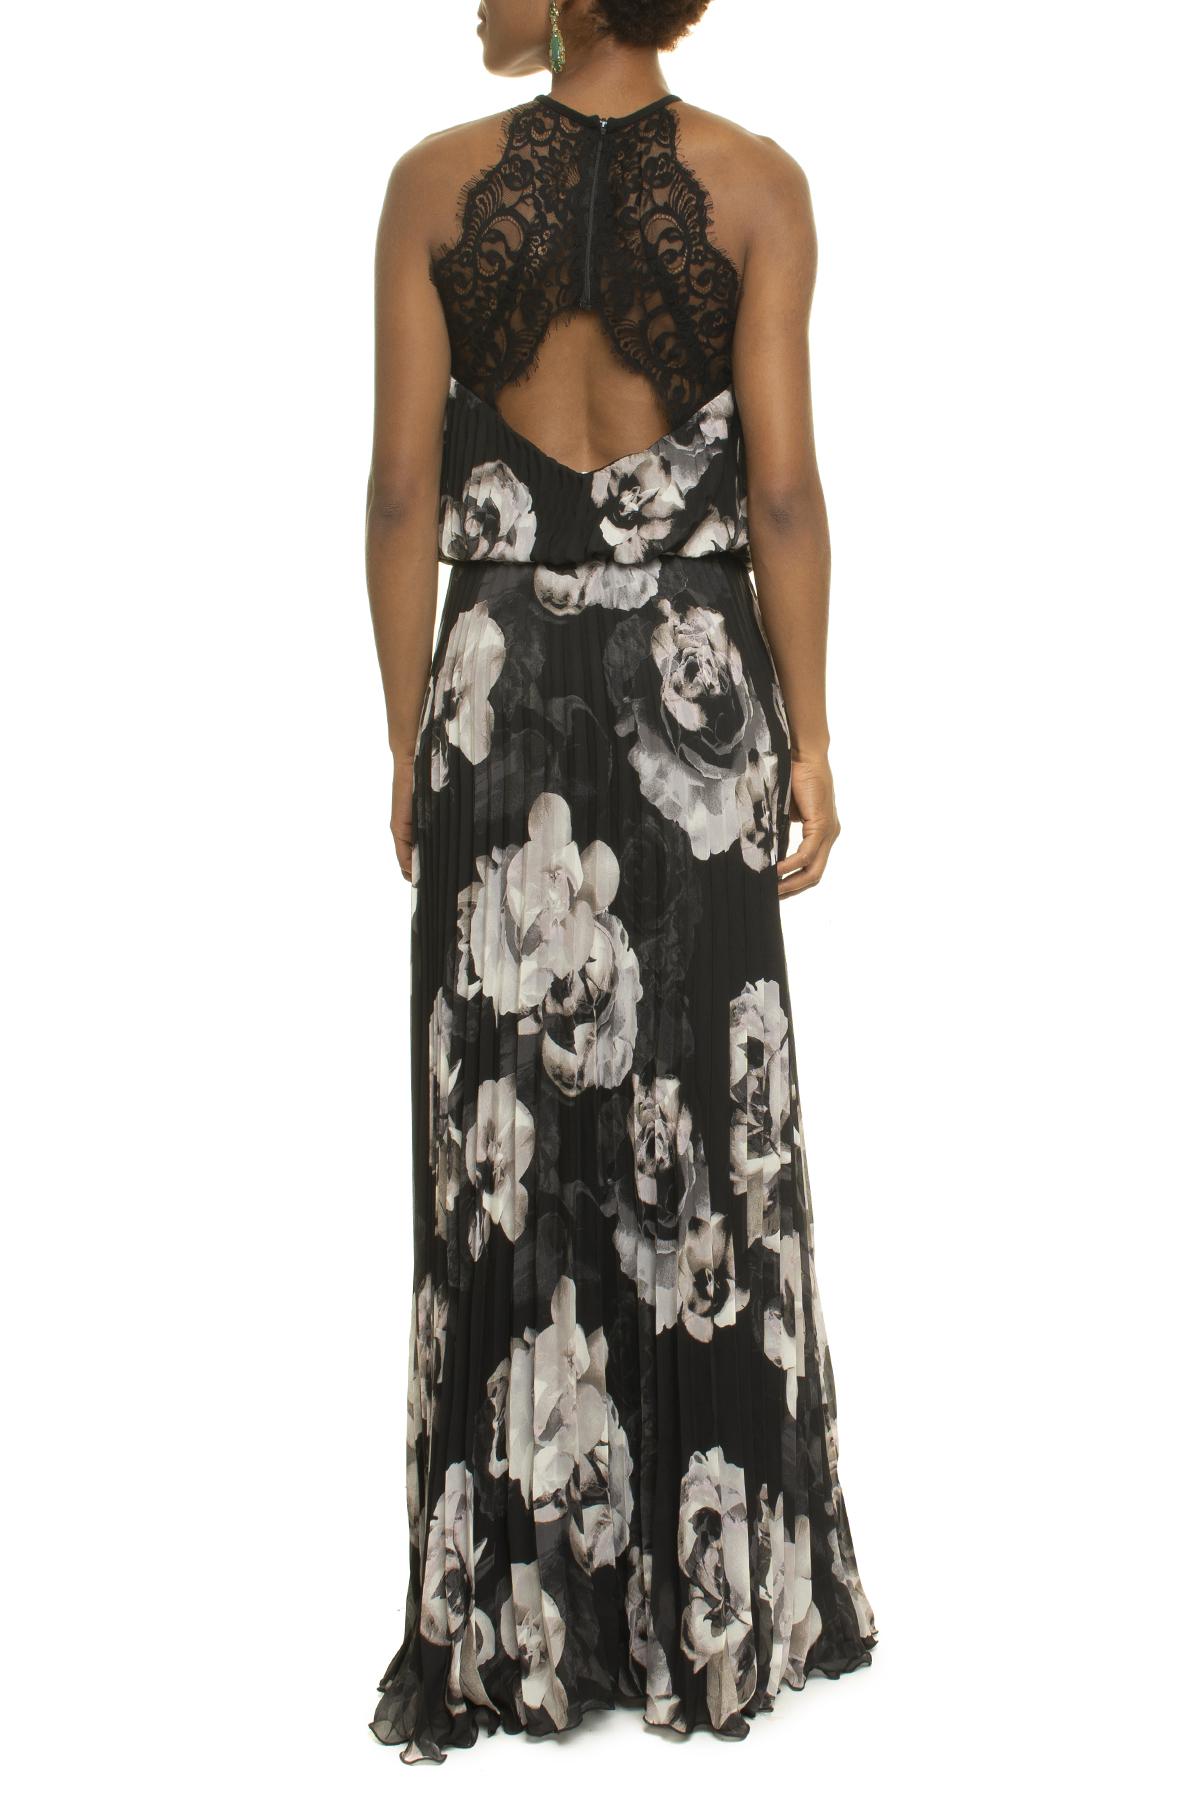 Vestido Natane Basic Collection